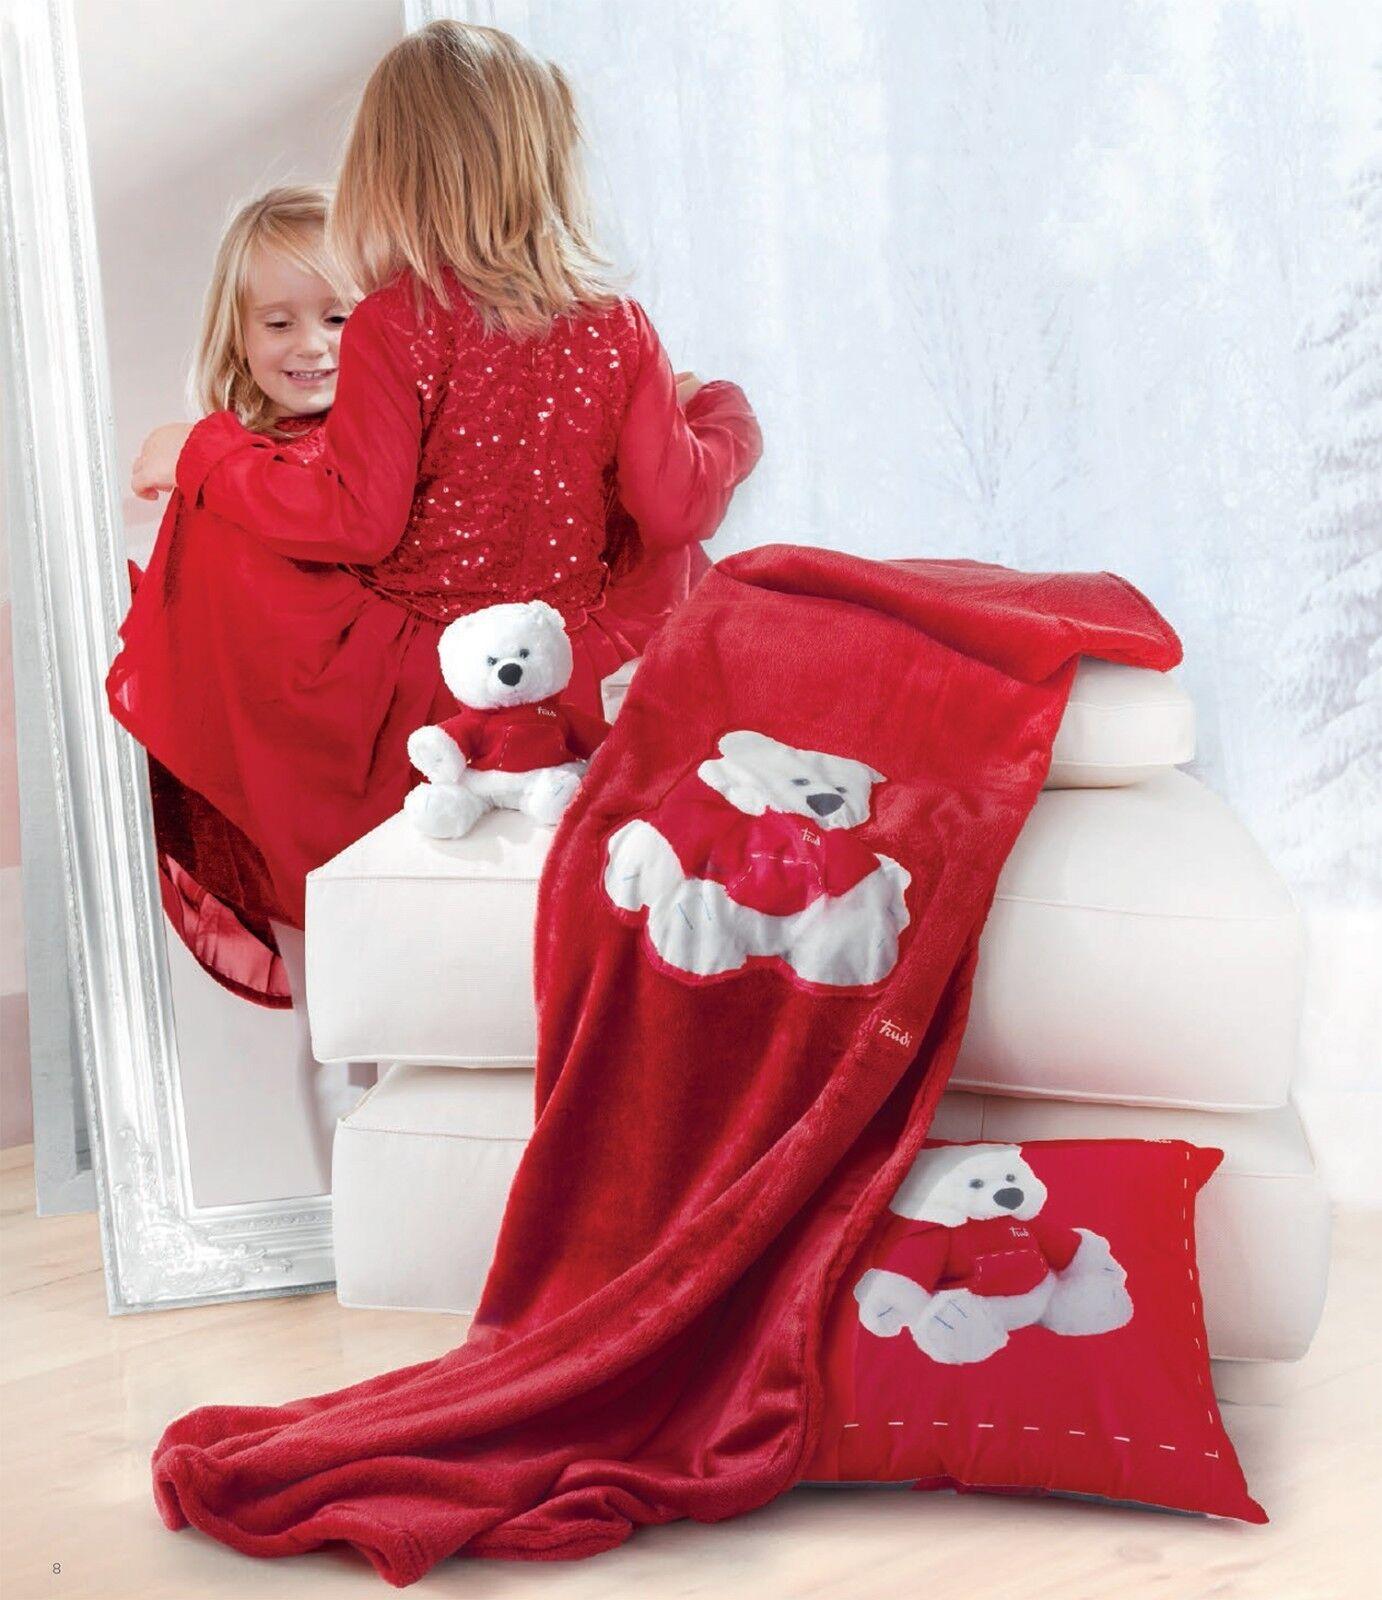 """Plaid pile coperta letto Trudi """"Wish"""" cm bimba 130 x 170 bimbo bimba cm Coloreeee rosso orso e3a1e6"""